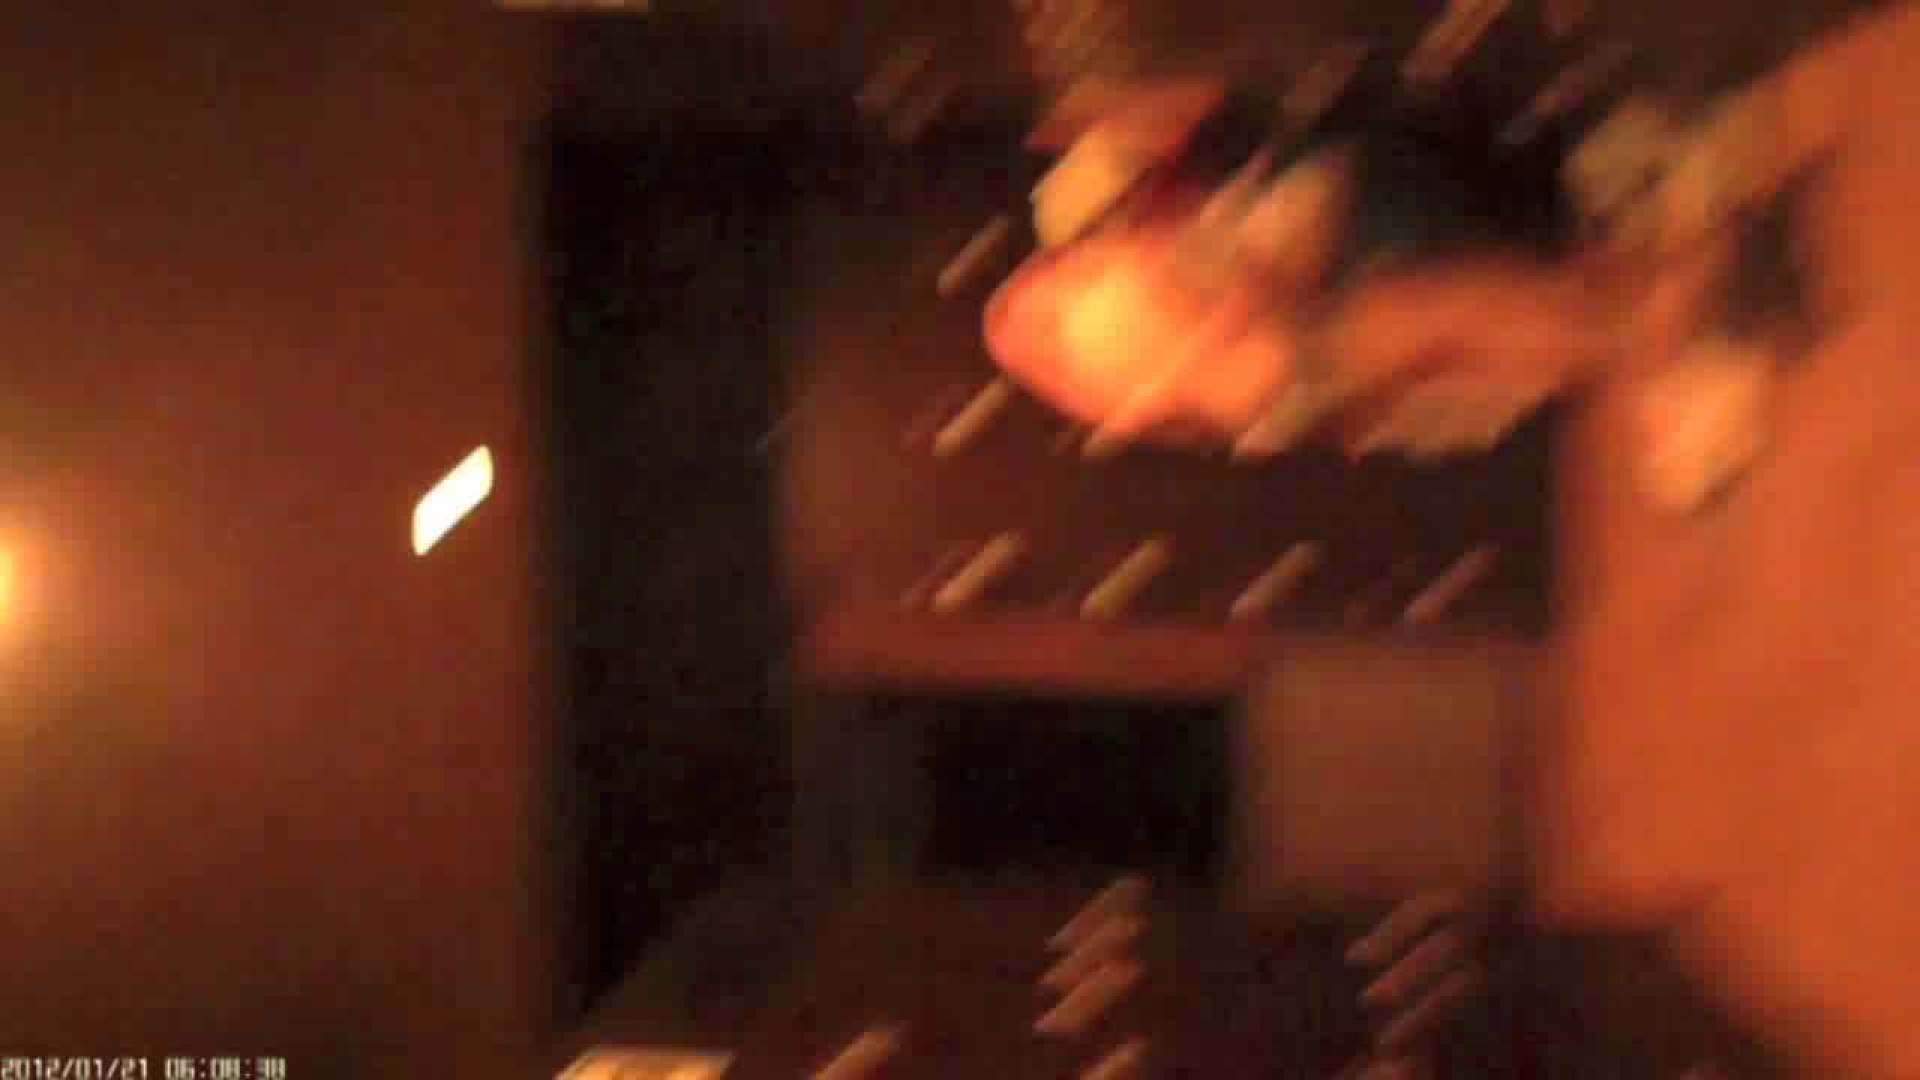 現役ギャル盗撮師 hana様の女風呂潜入撮!Vol.4 銭湯 アダルト動画キャプチャ 42連発 13